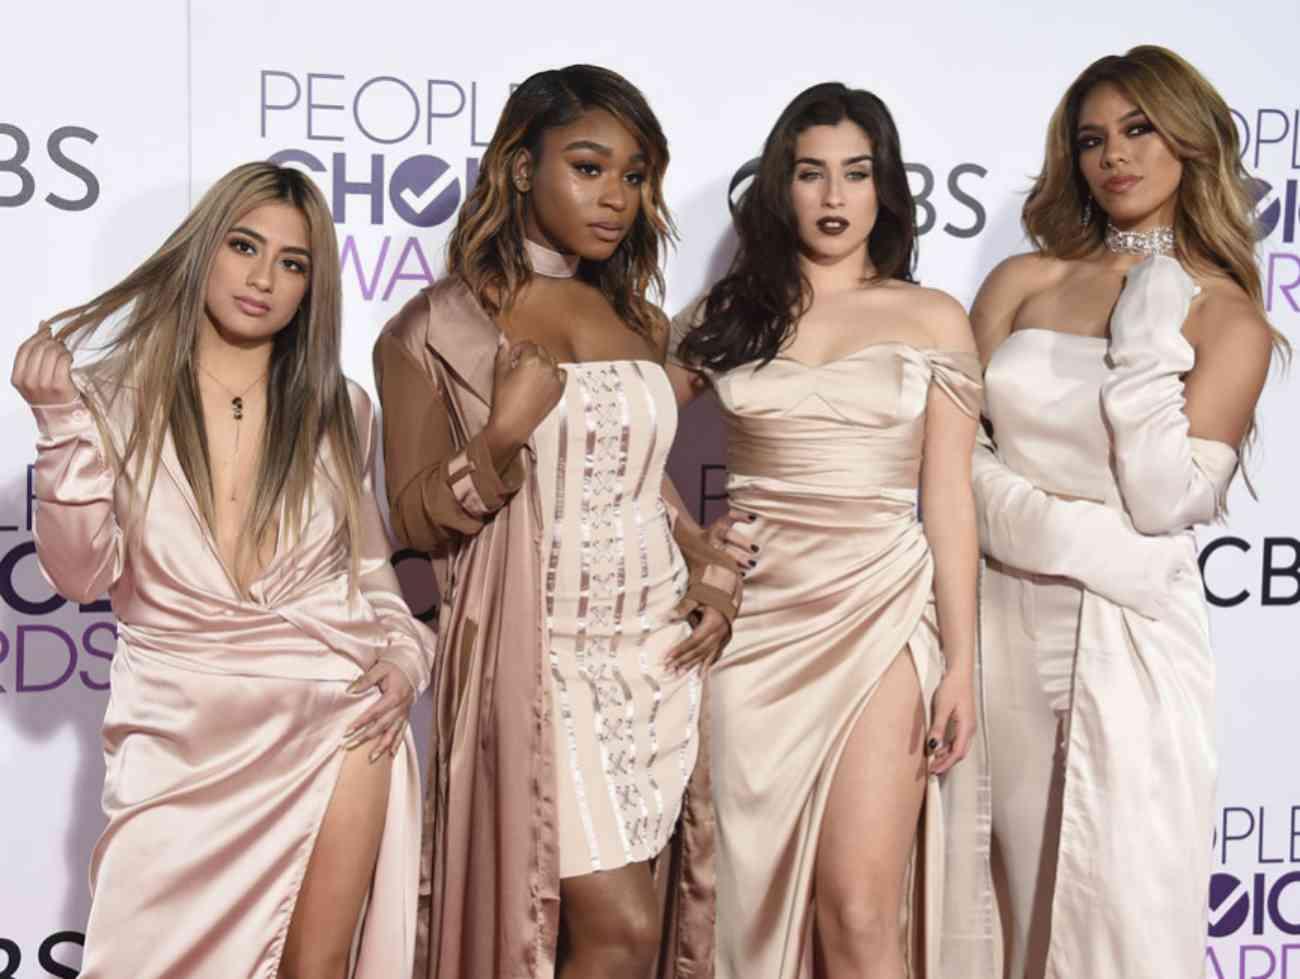 Las chicas de Fifth Harmony llevan una vida de ensueño como estrellas...